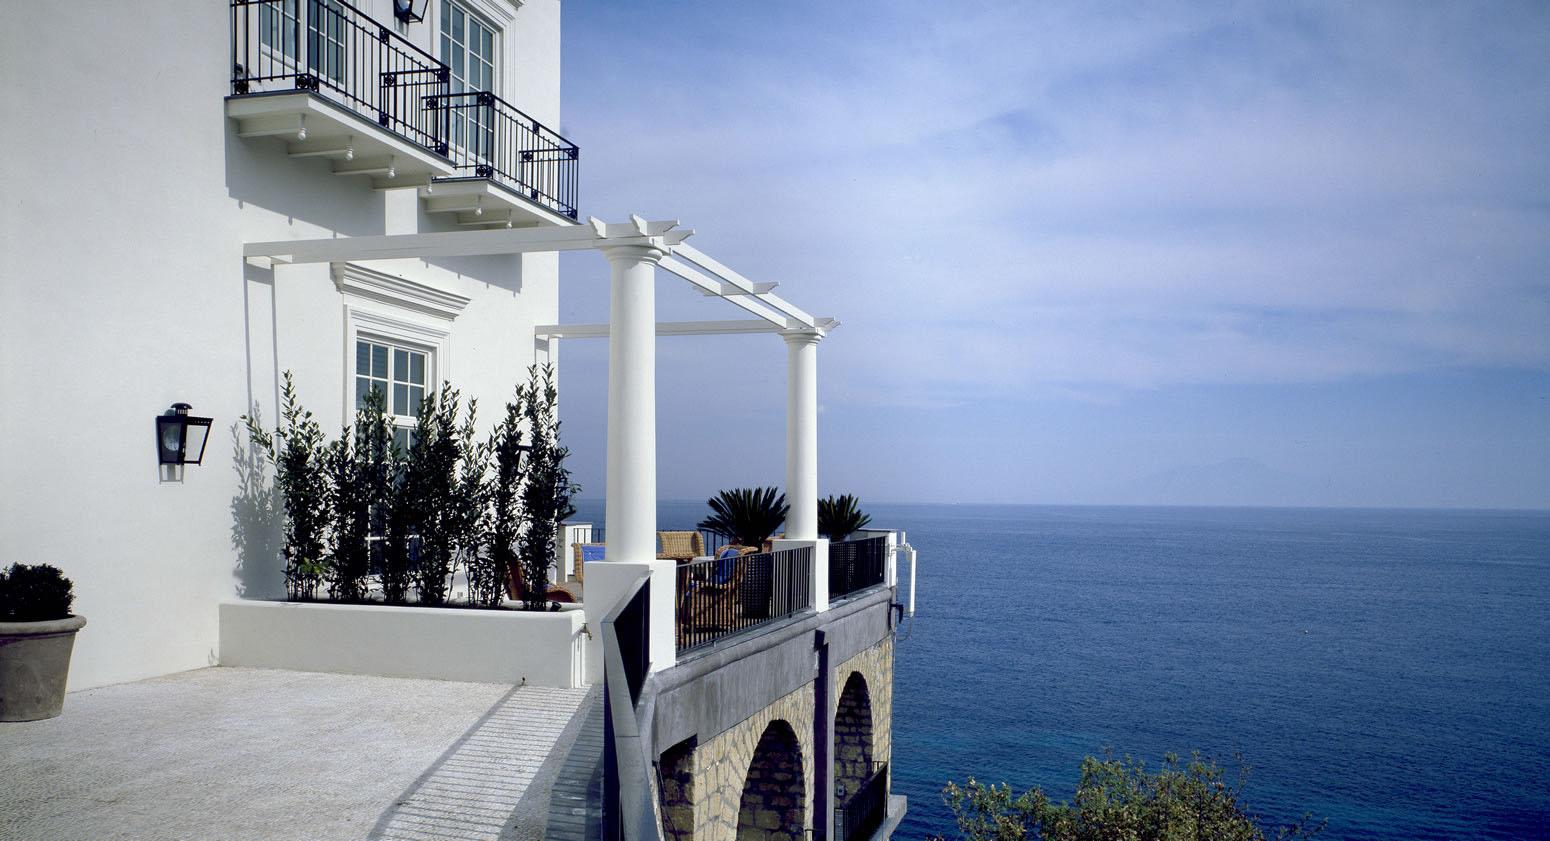 JK Place Capri Hotel Elegant Seaside Decor IDesignArch Interior Design Architecture